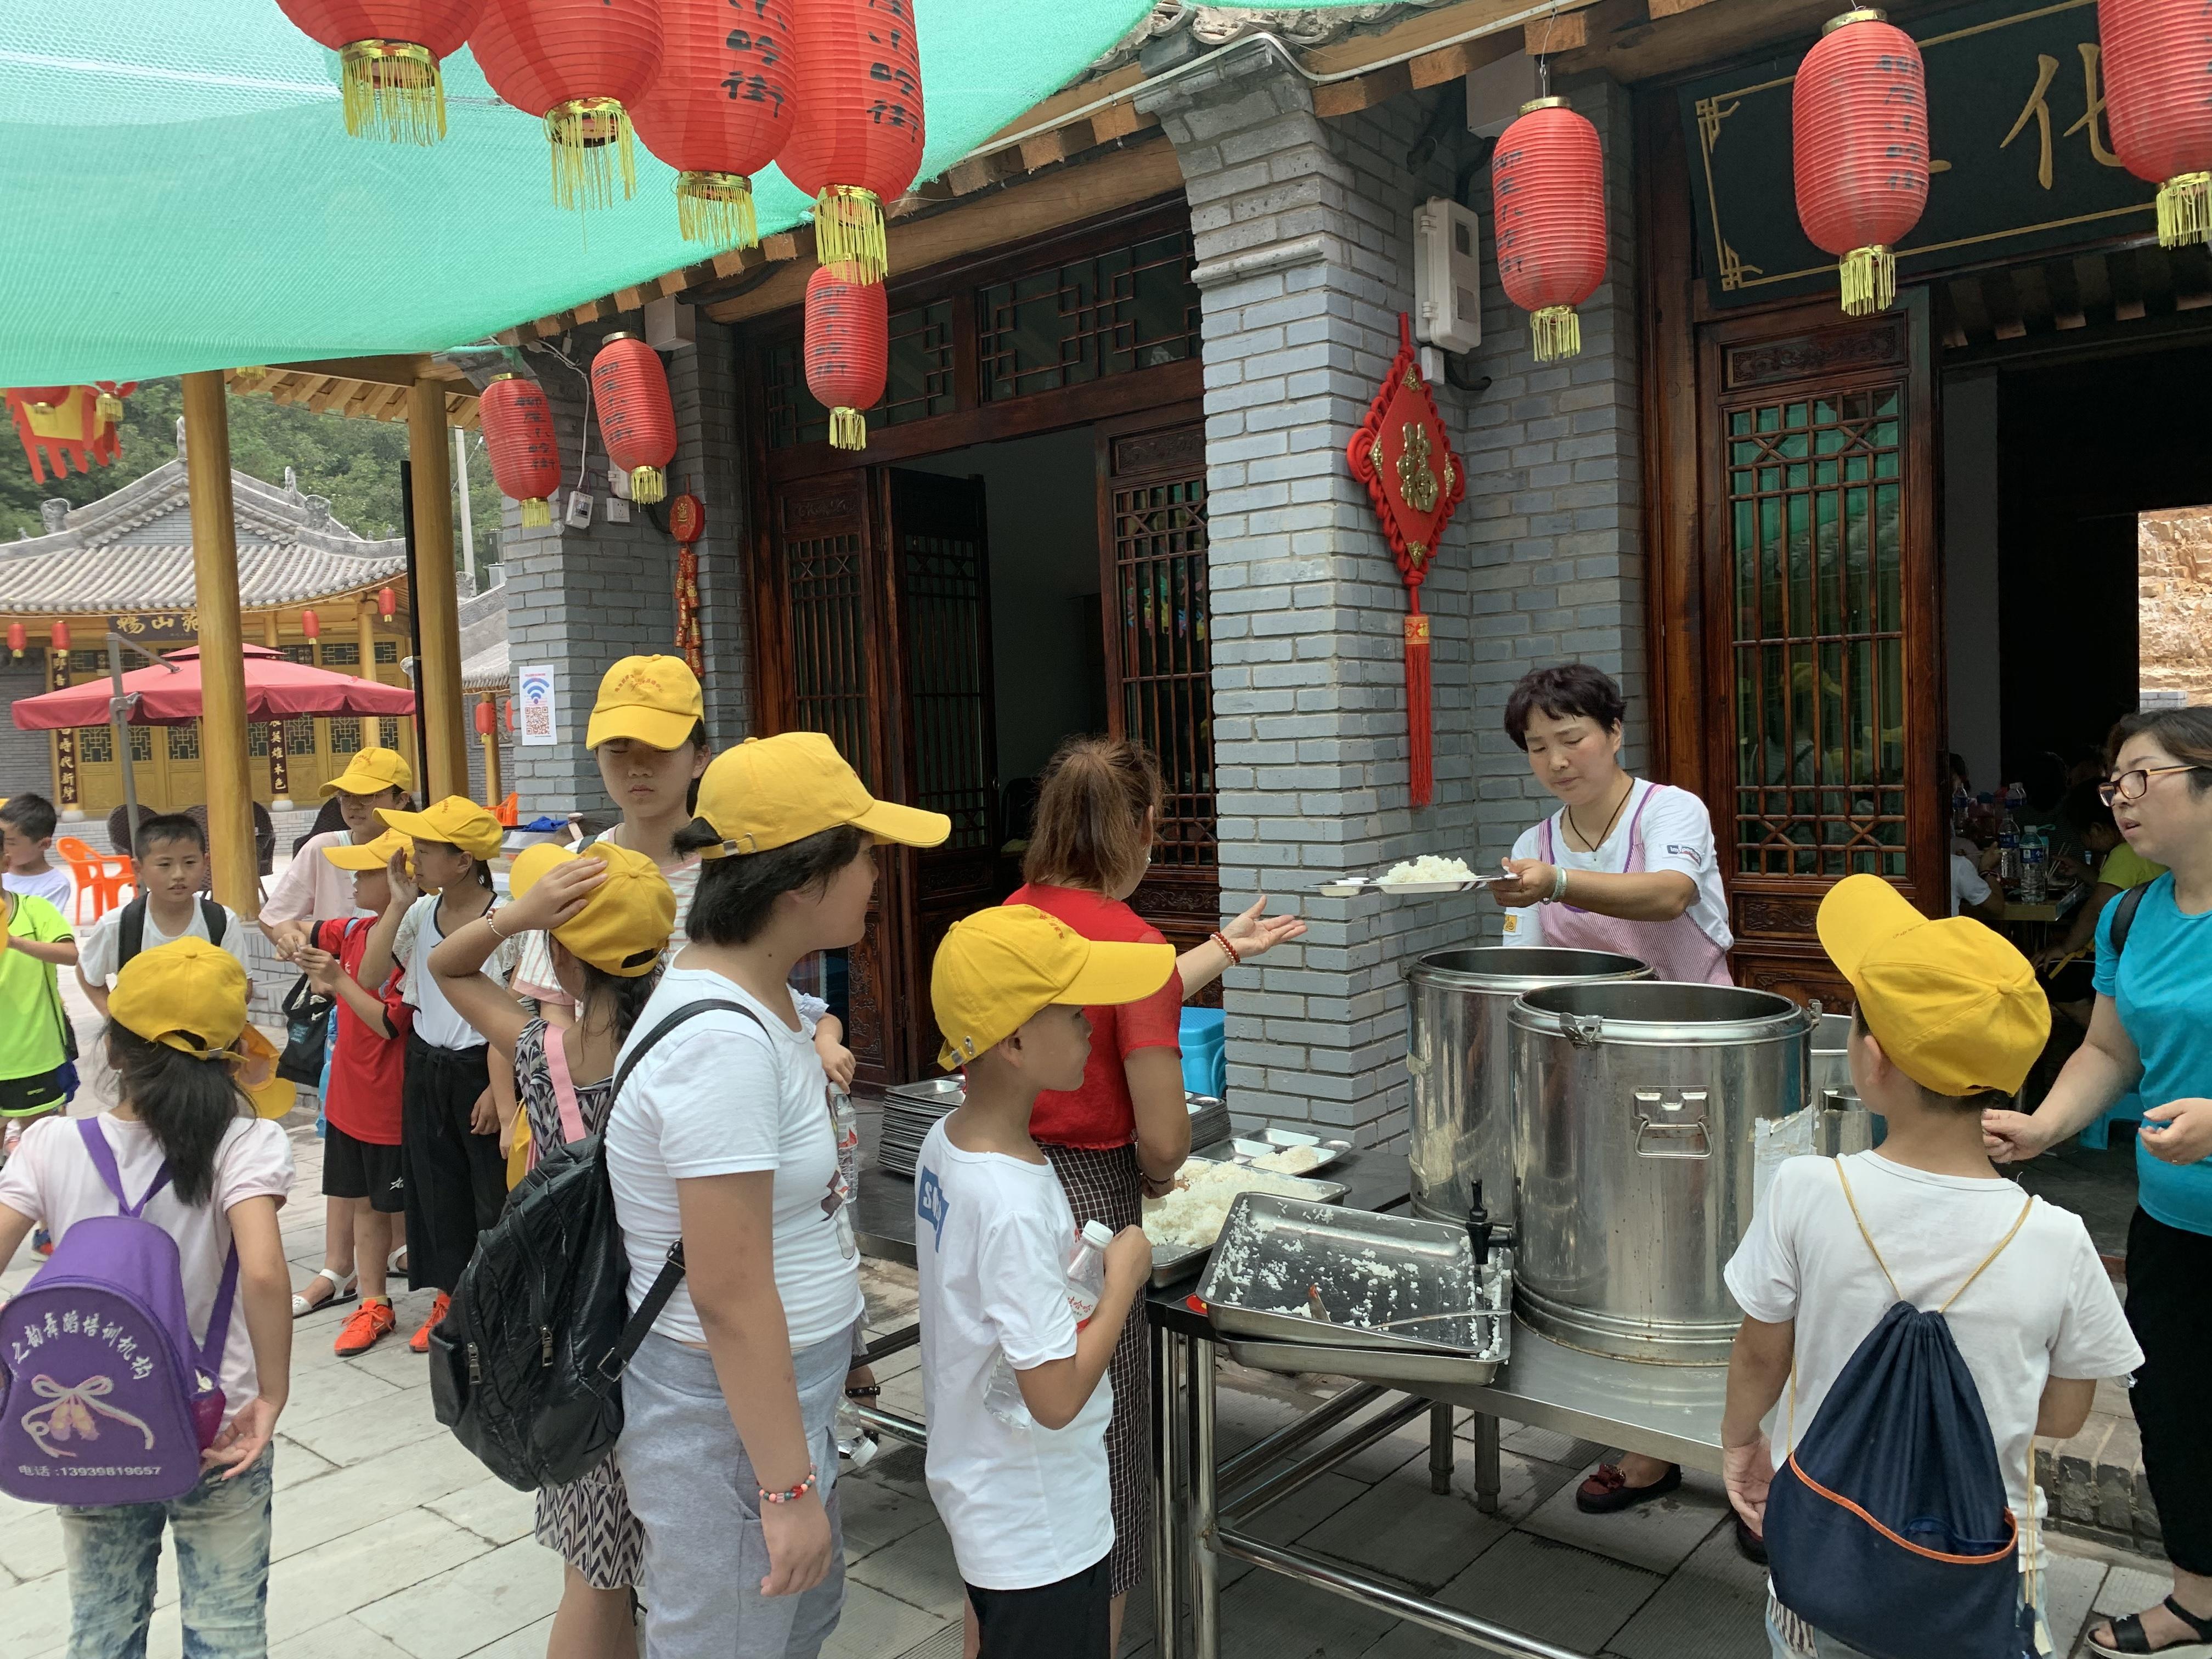 感受三门峡渑池县美丽柳庄 乐享文化大餐